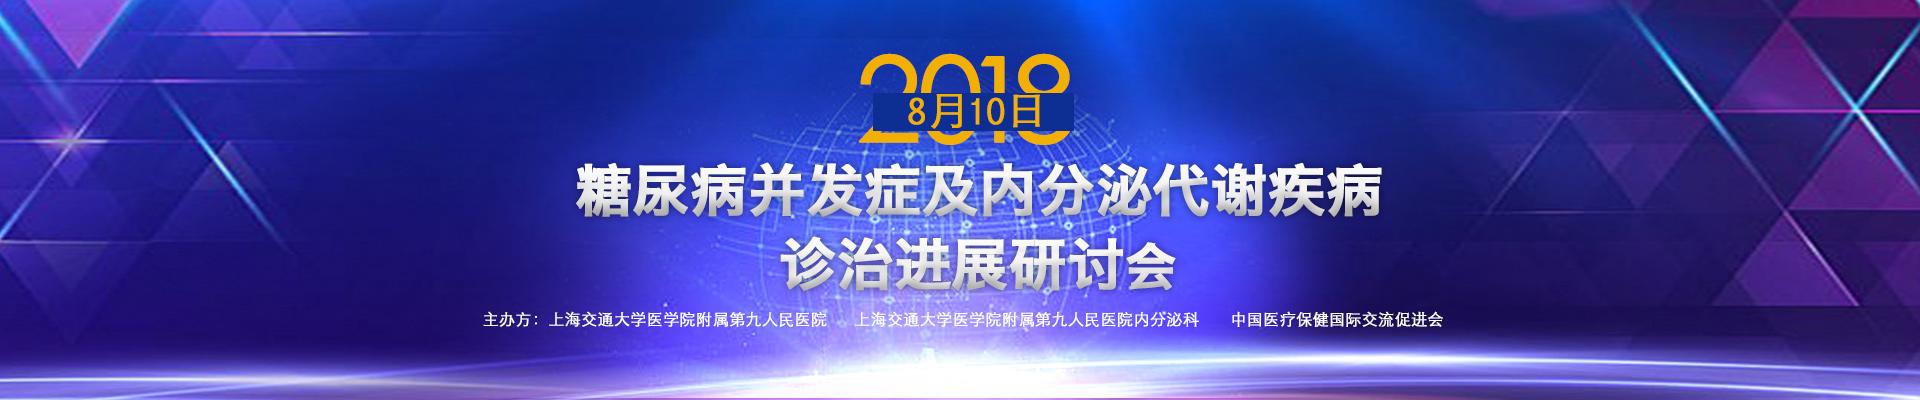 上海九院糖尿病并发症及内分泌代谢疾病诊治进展学习班